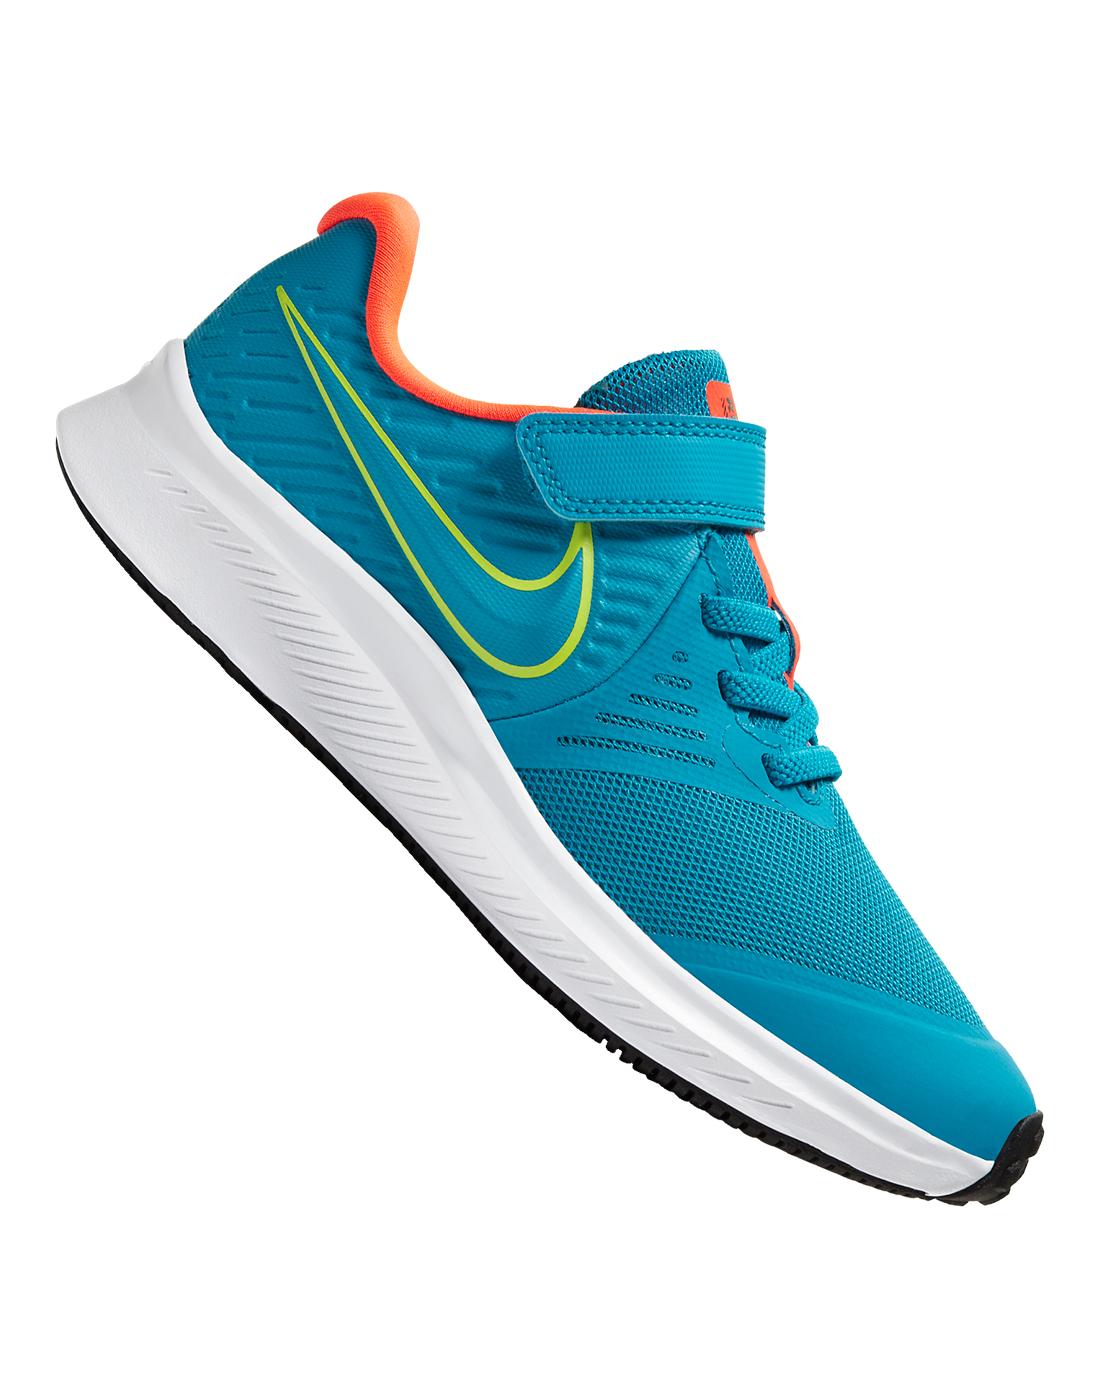 Nike Younger Boys Star Runner - Blue